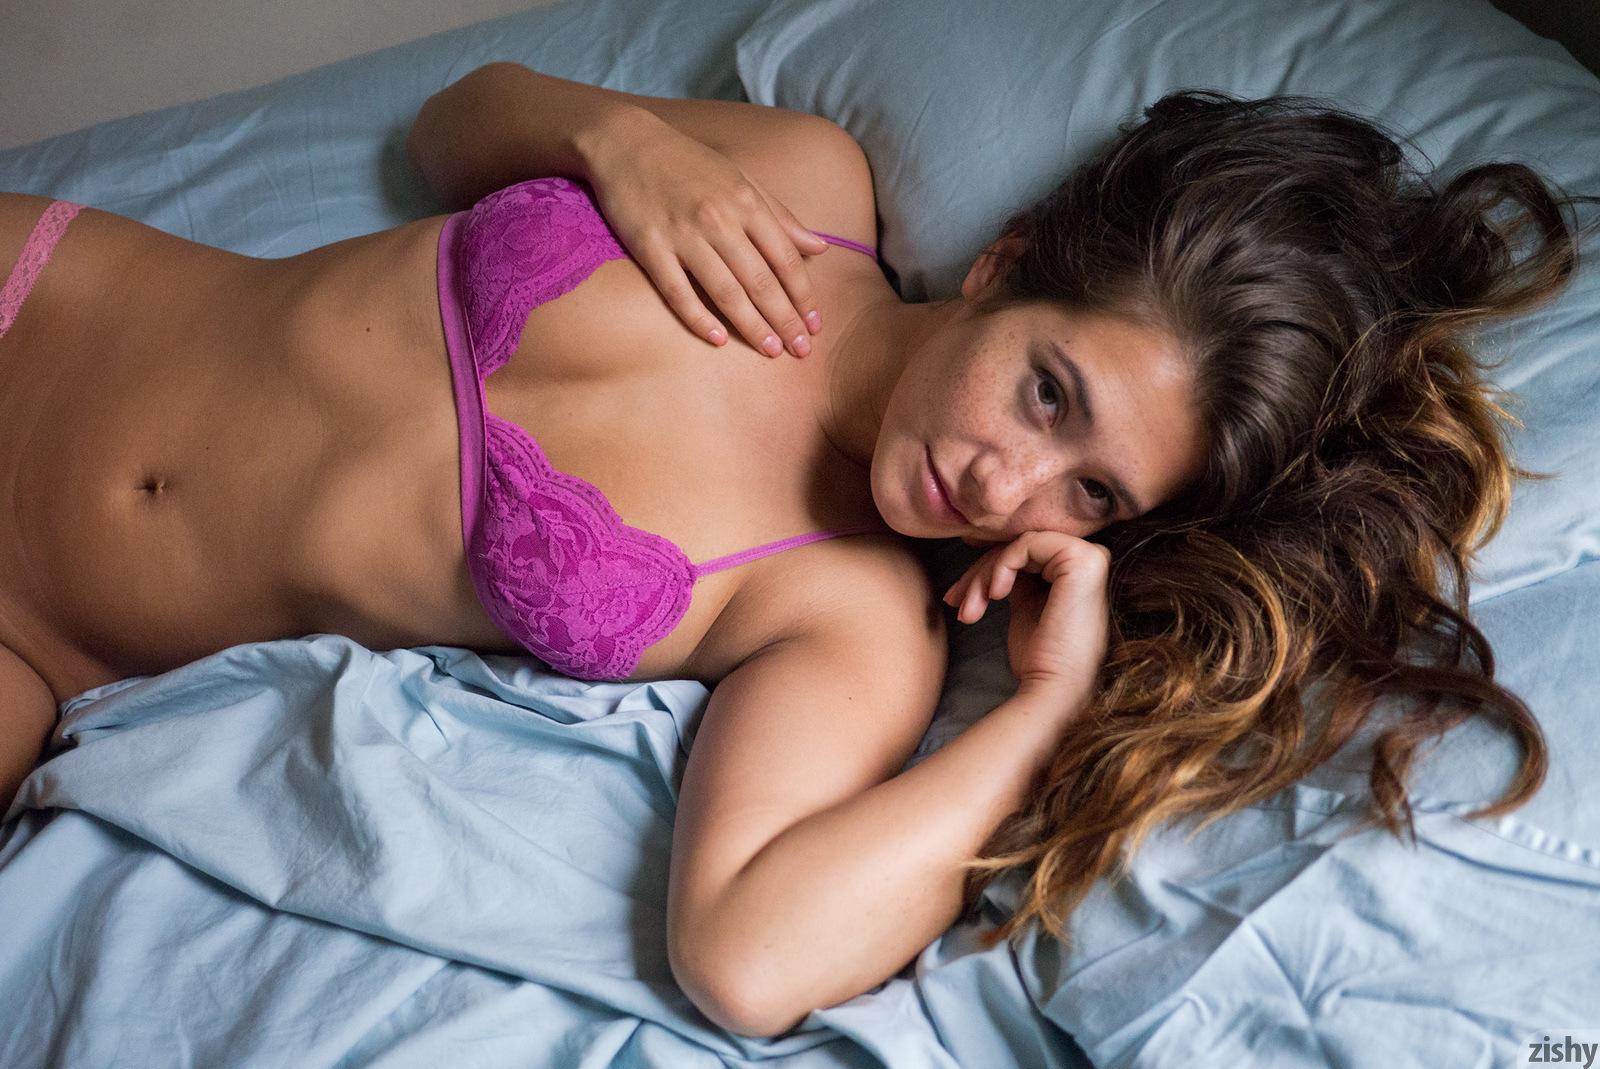 Hot Asian pornstar Eva Lovia giving long cock ball sac licking oral sex  422888